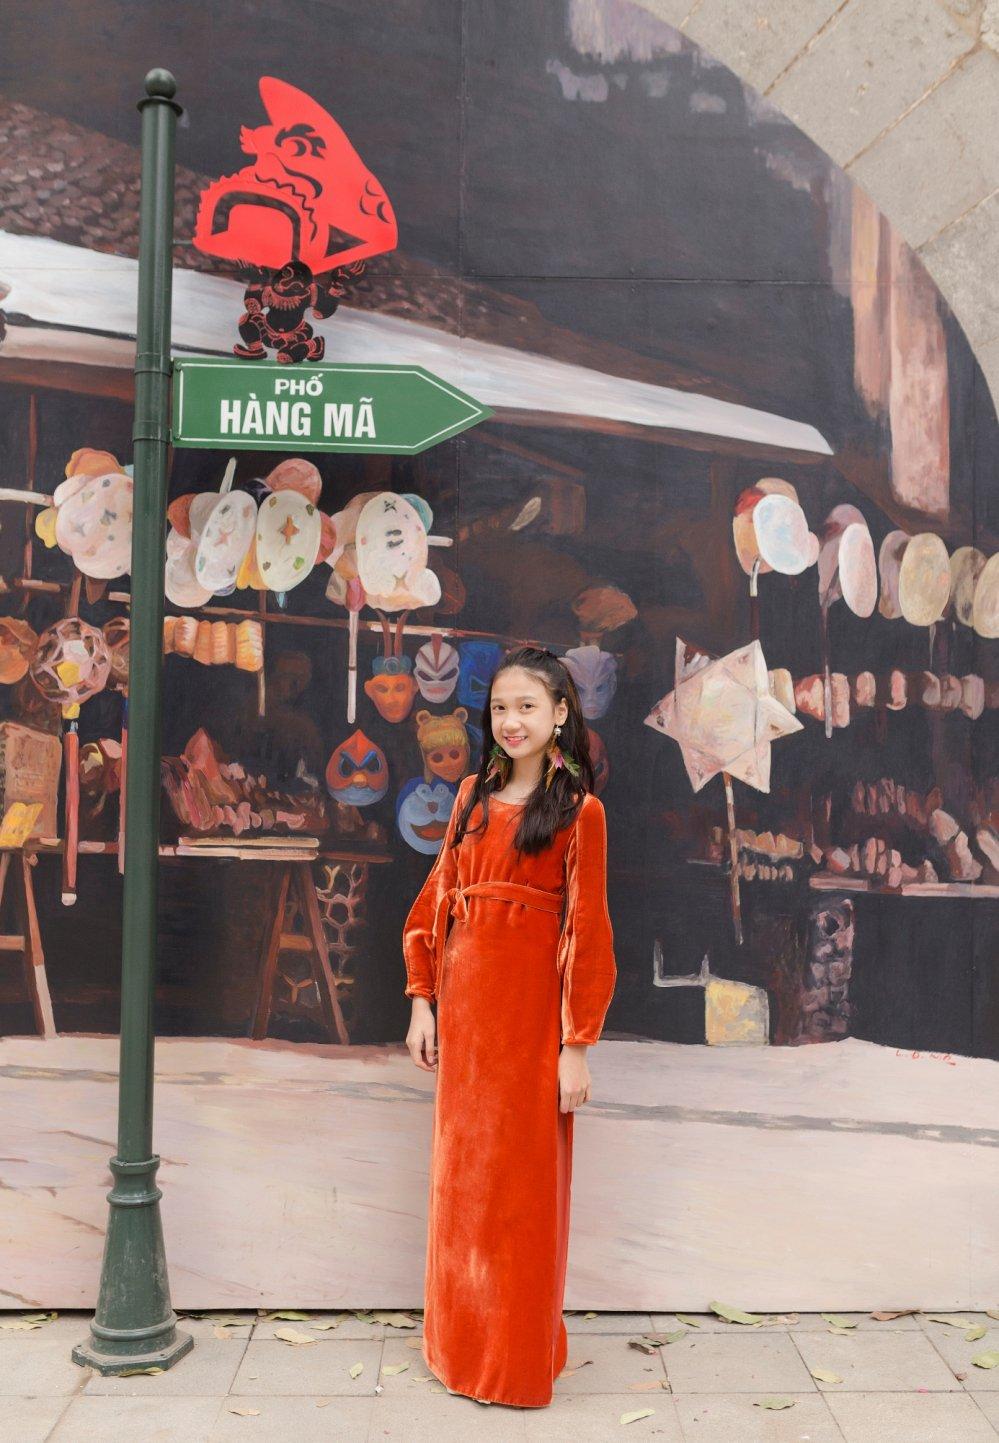 Mau nhi Ha thanh dien ao dai rang ro xuong pho don Xuan hinh anh 2